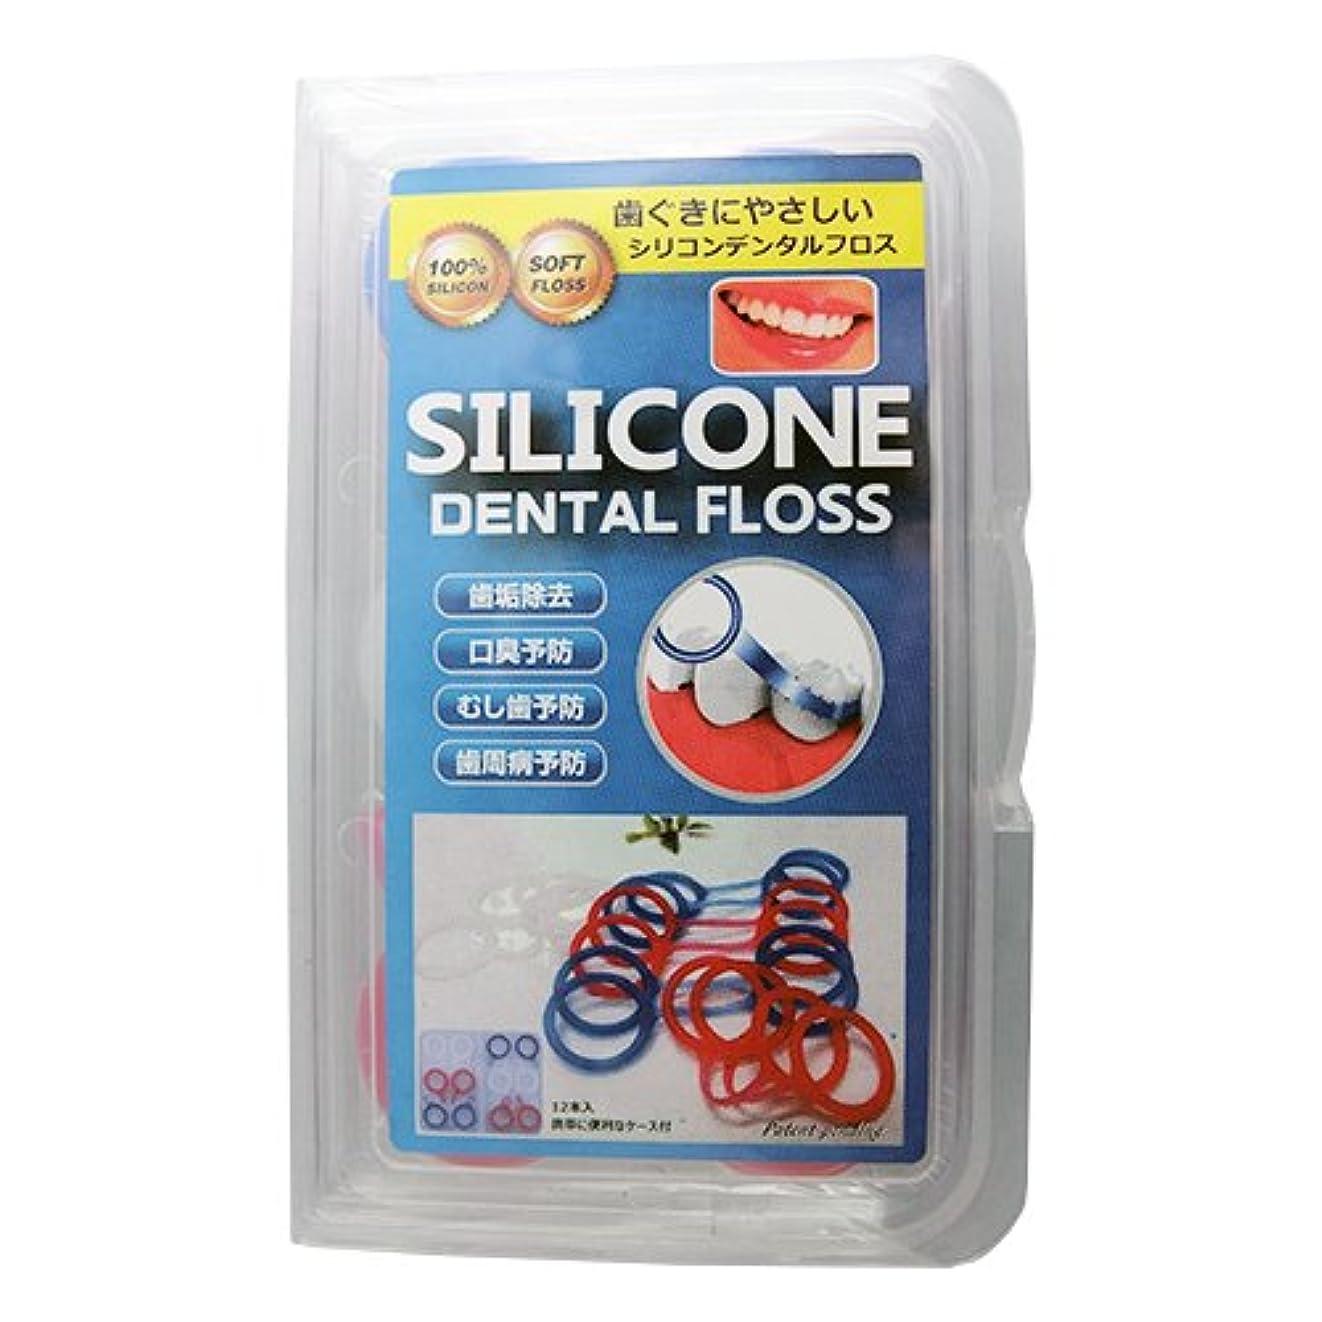 脱獄名誉組み込むマイクロテック シリコンデンタルフロス 1箱(12本入)